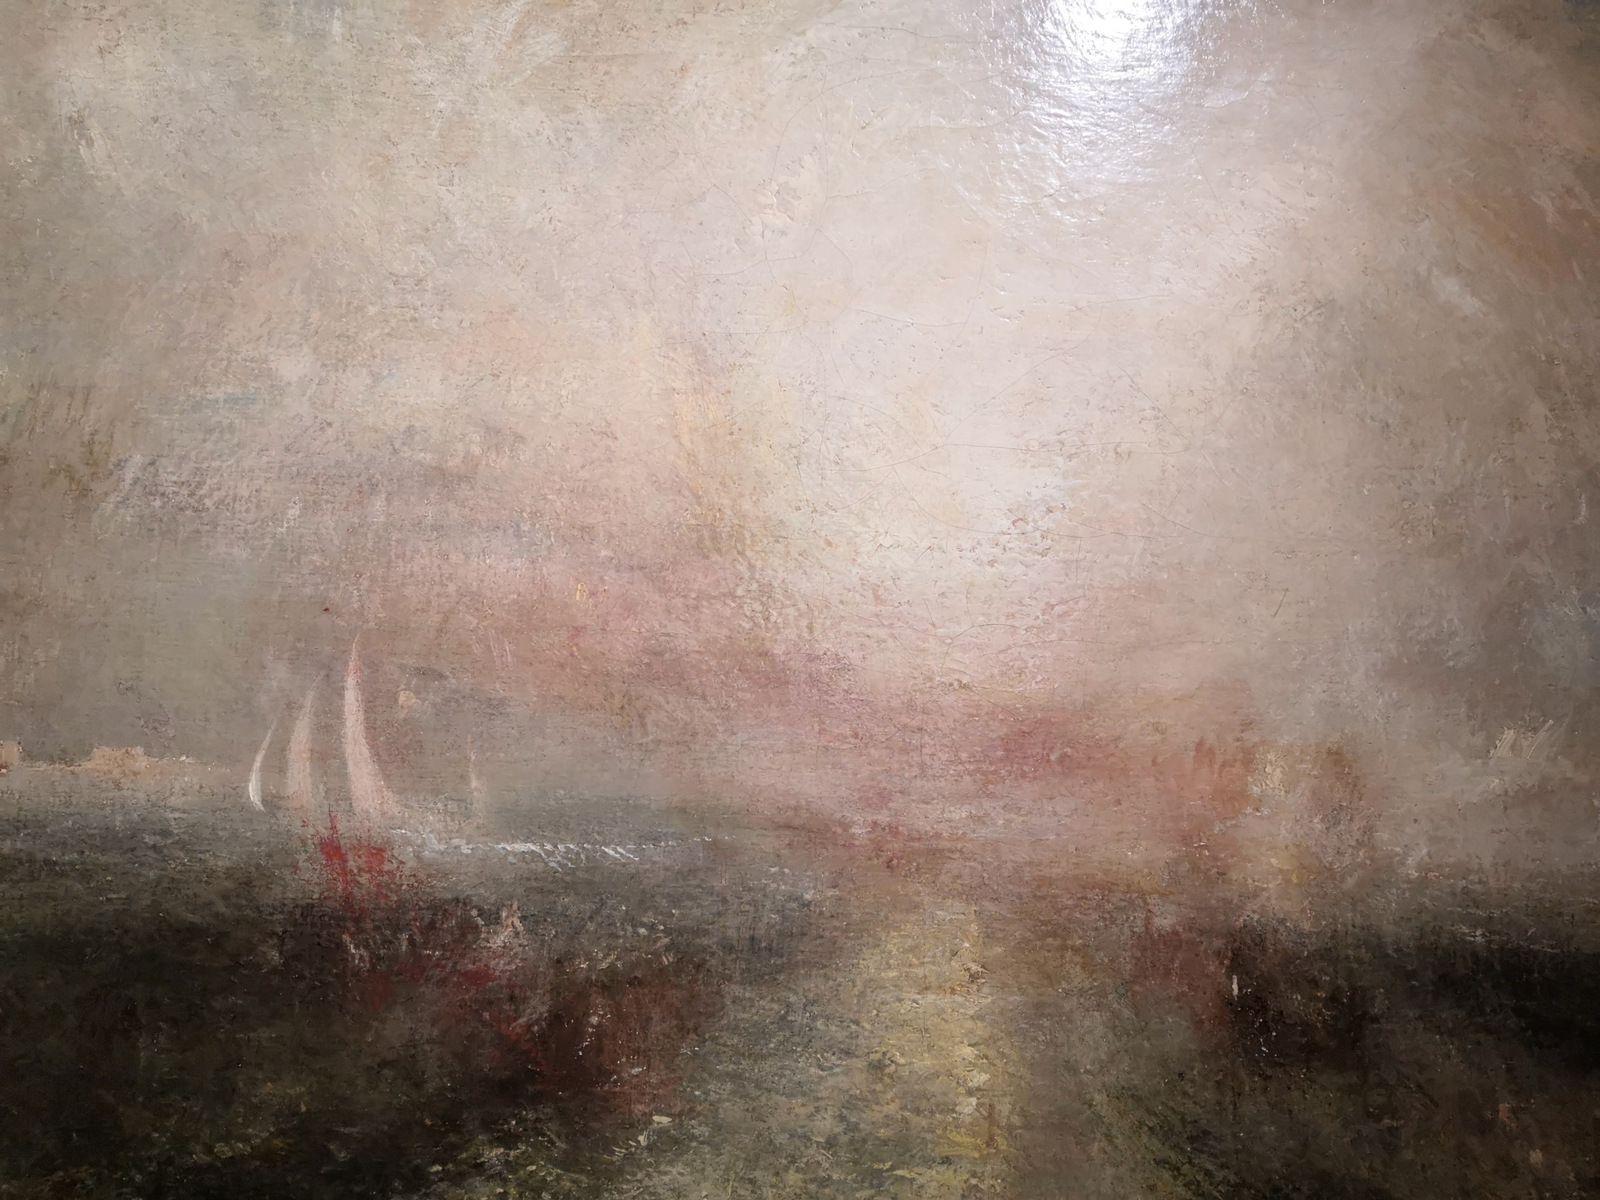 Yacht approchant de la côte, Vers 1840-1845, Huile sur toile, Tate